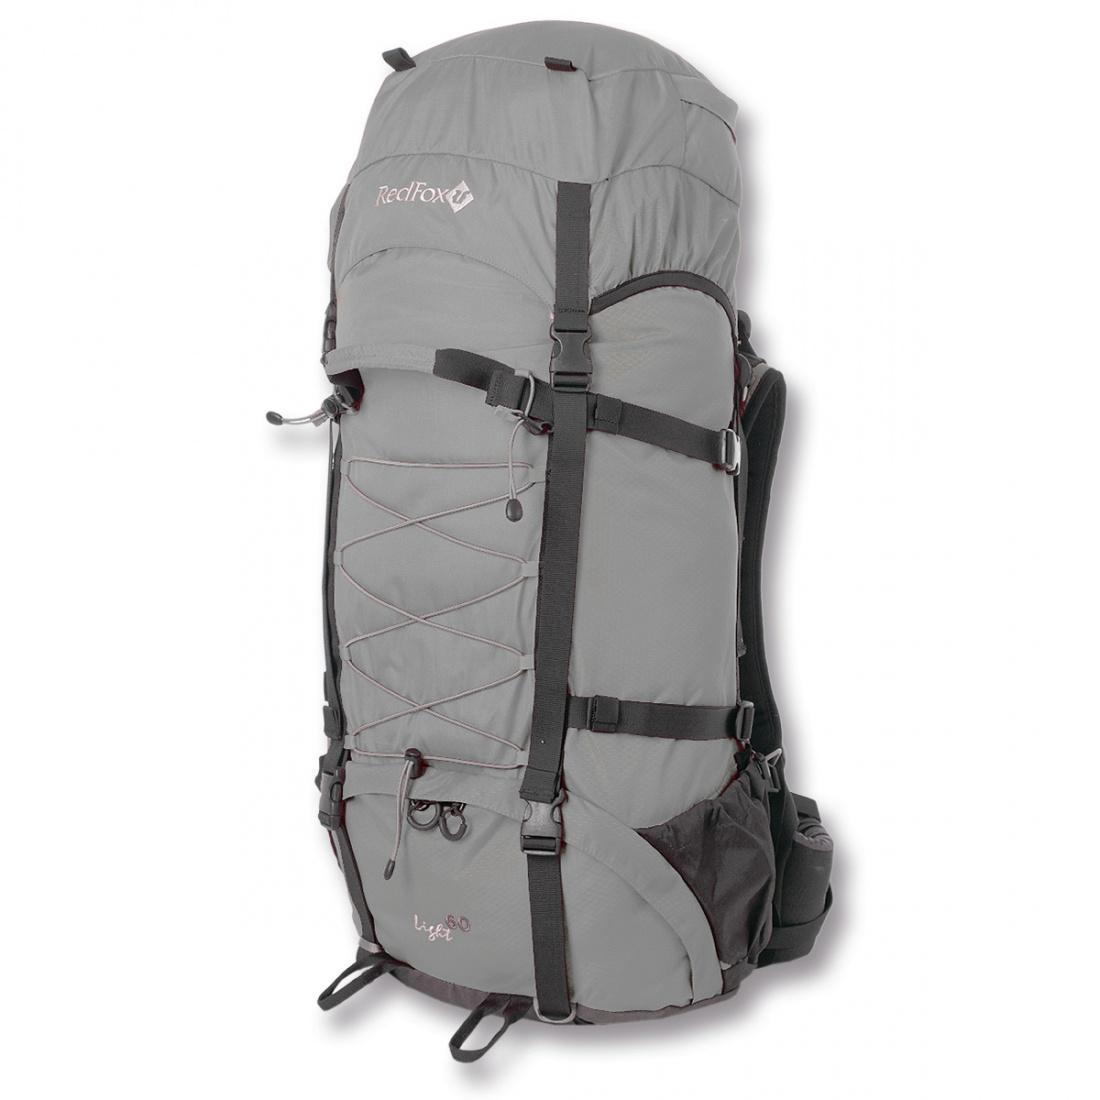 Рюкзак Light 60Туристические, треккинговые<br><br><br>Цвет: Серый<br>Размер: 60 л